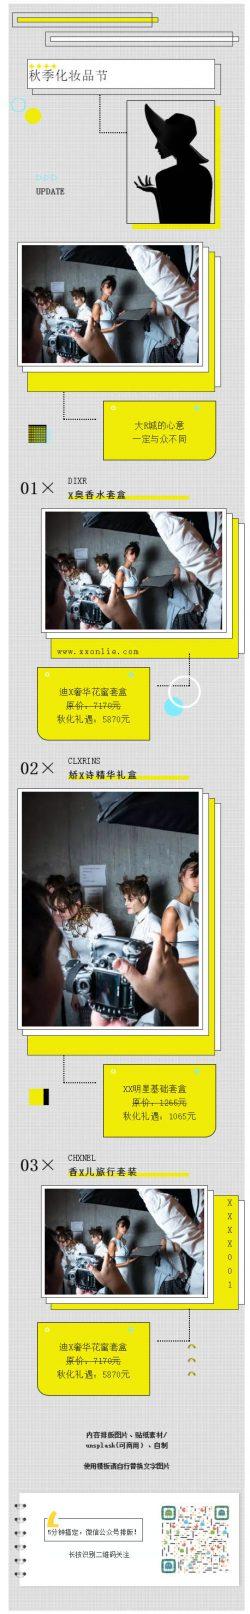 秋季化妆品节黄色背景高档风格微信模板